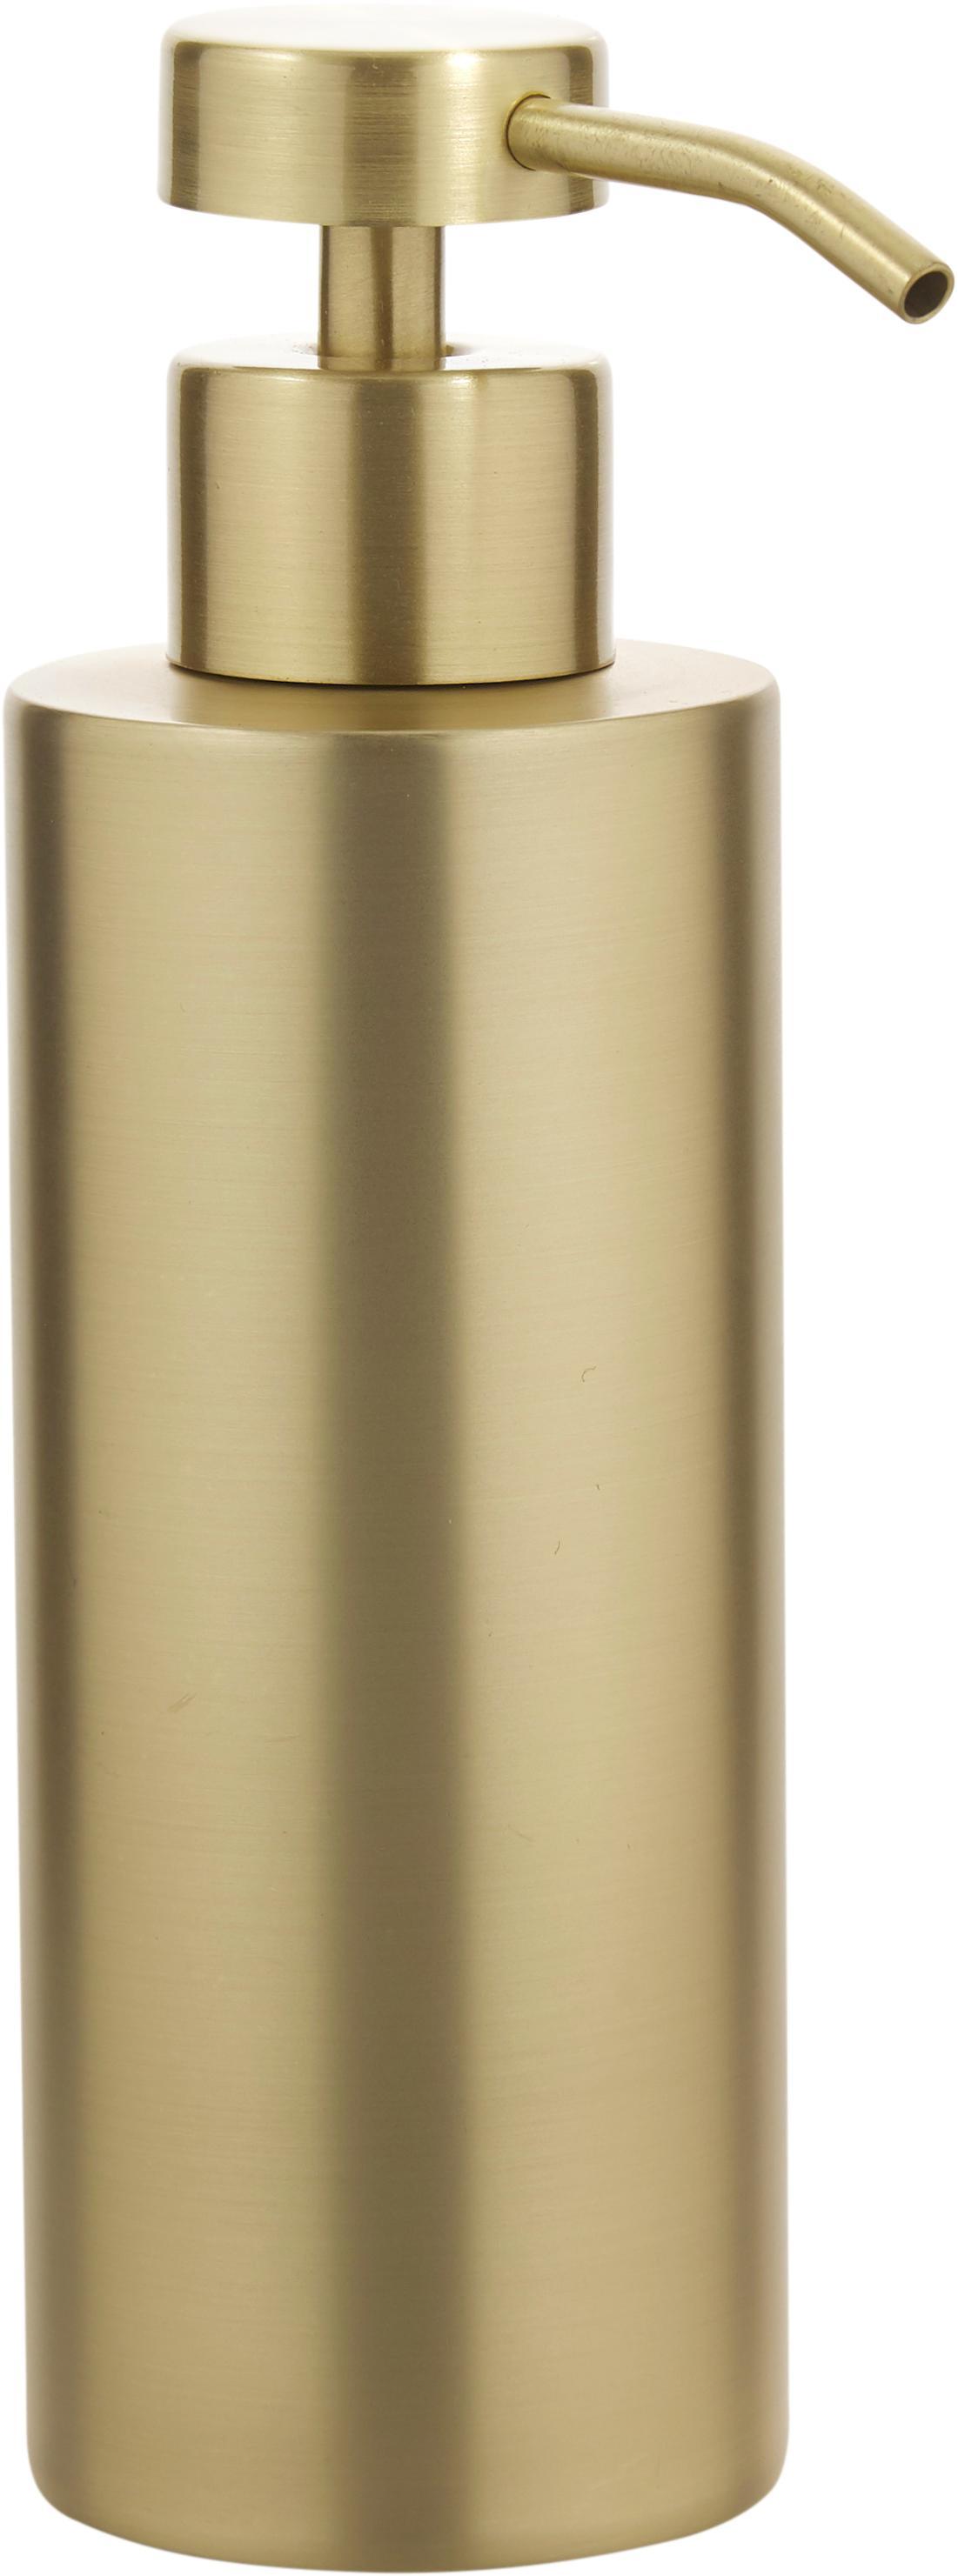 Distributore di sapone Onyar, Acciaio inossidabile rivestito, Ottonato, Ø 6 x Alt. 20 cm